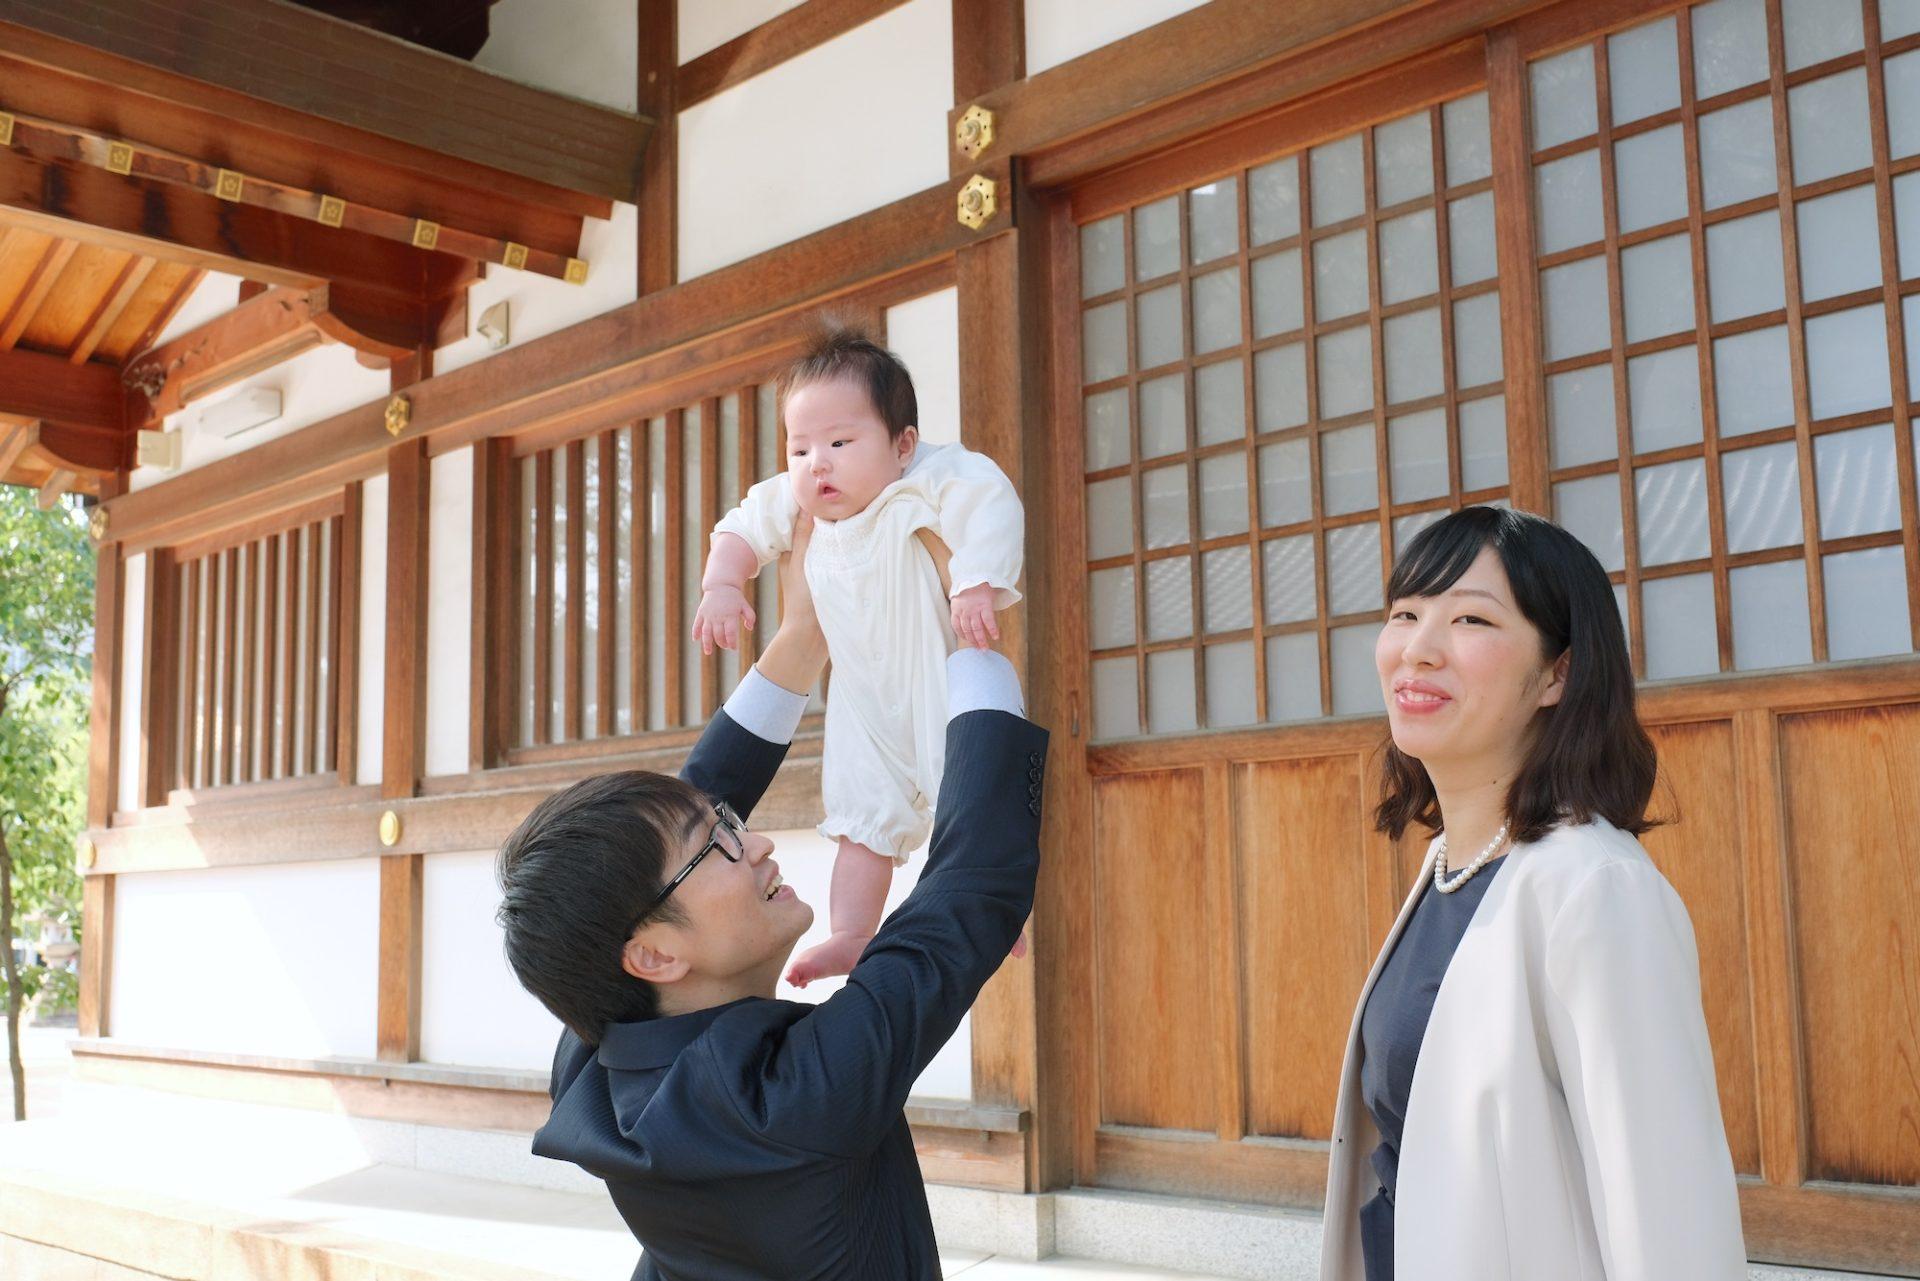 本住吉神社でお宮参りと木曽路でのお食い初めの写真